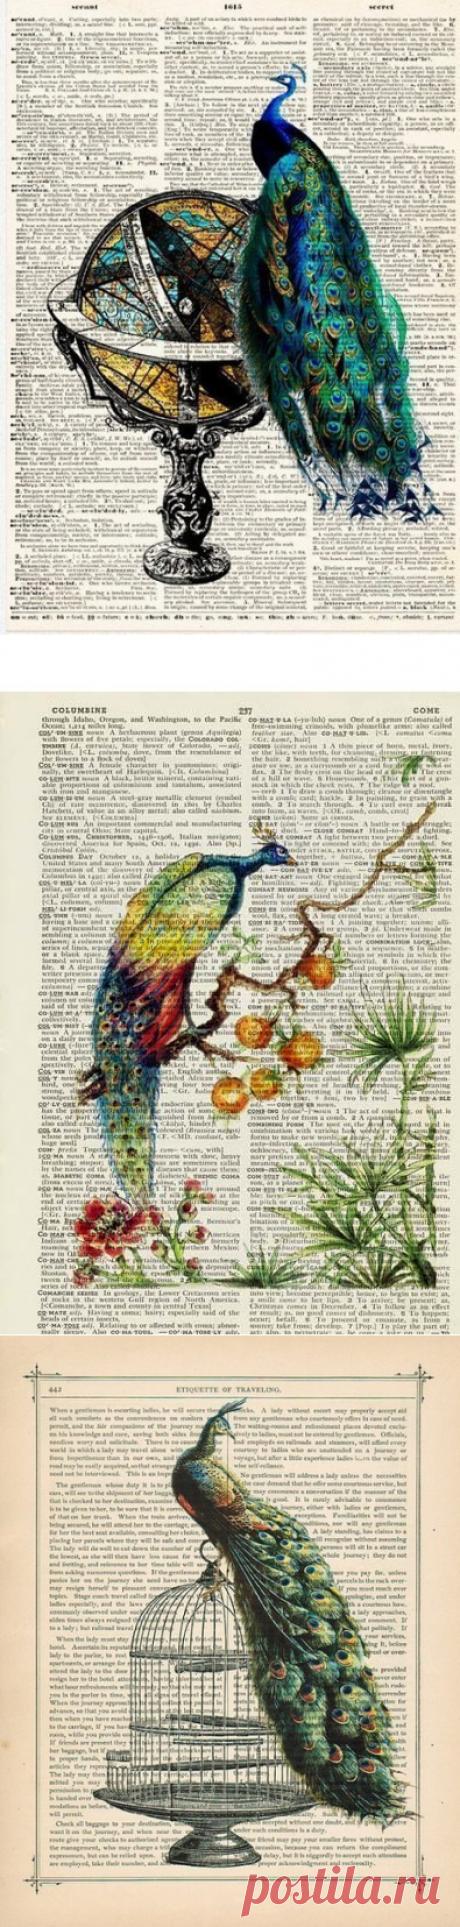 Павлины на книжных страницах. Картинки для... / Необычные поделки